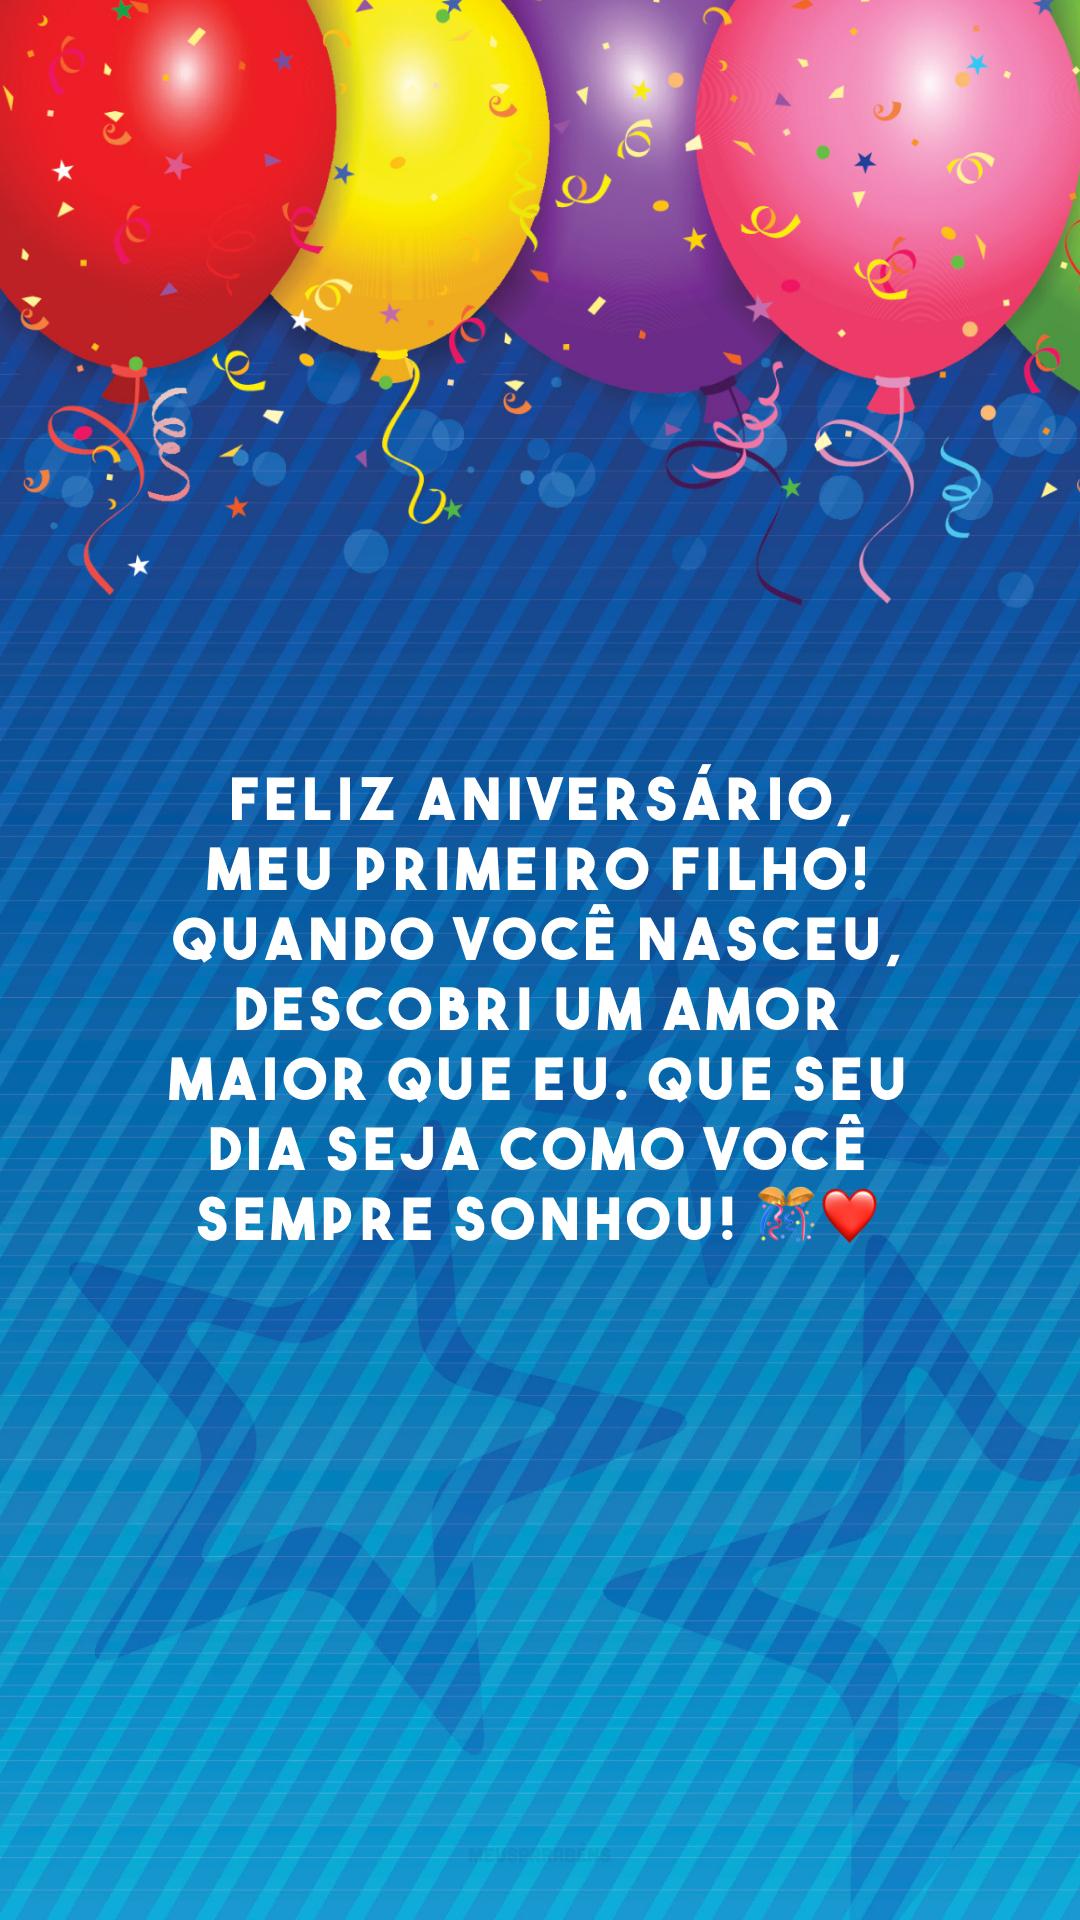 Feliz aniversário, meu primeiro filho! Quando você nasceu, descobri um amor maior que eu. Que seu dia seja como você sempre sonhou! 🎊❤️